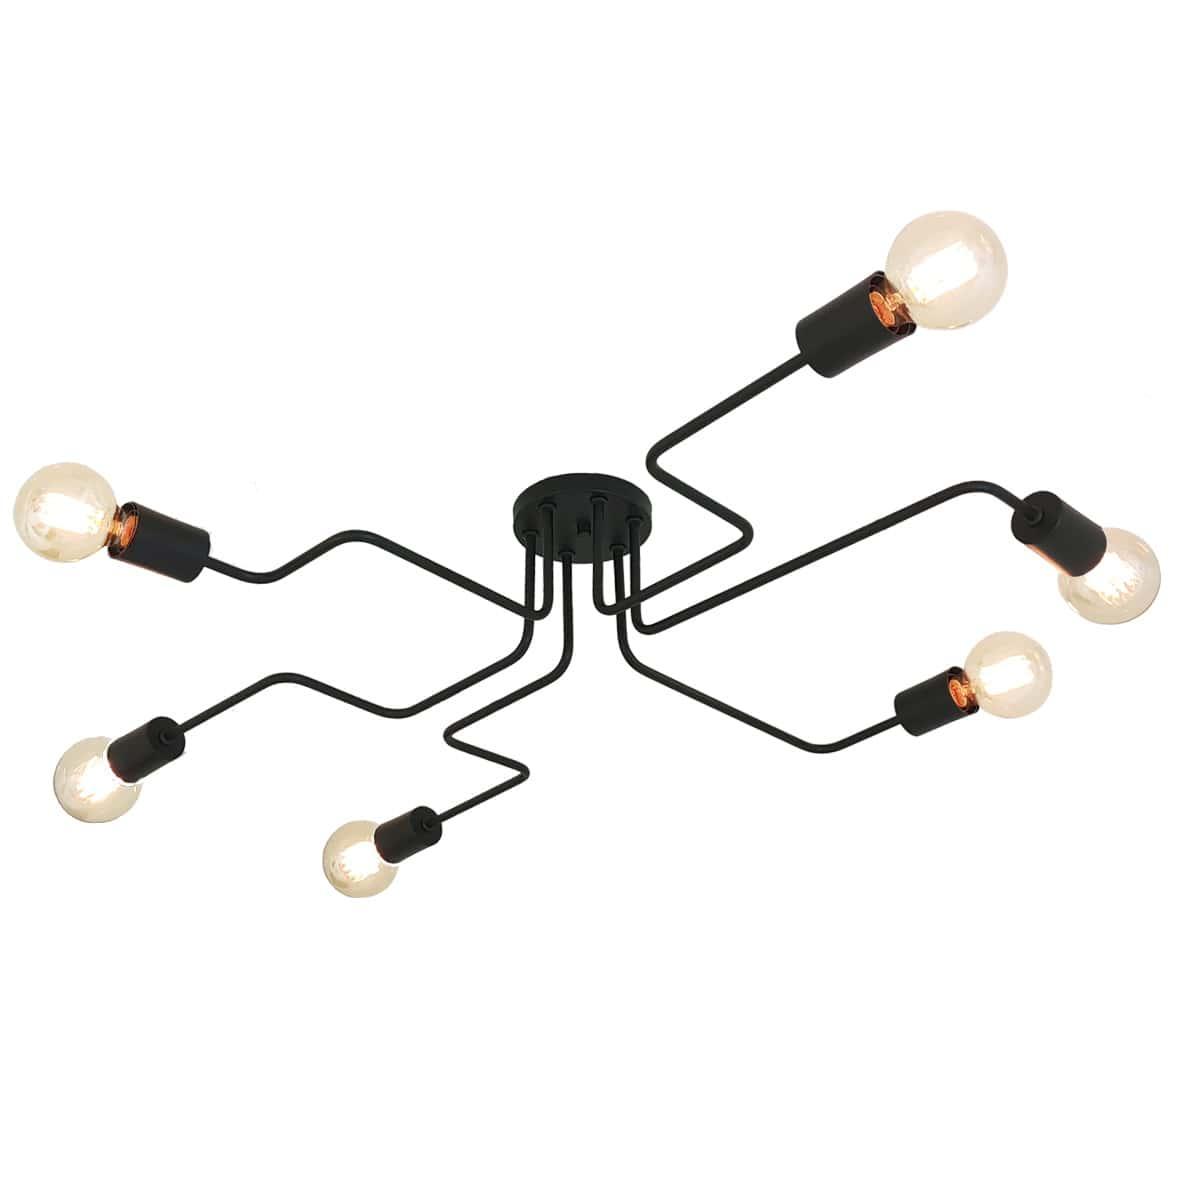 Plafon Decorativo Aranha Eletro 6 Braços -  Preto/Branco